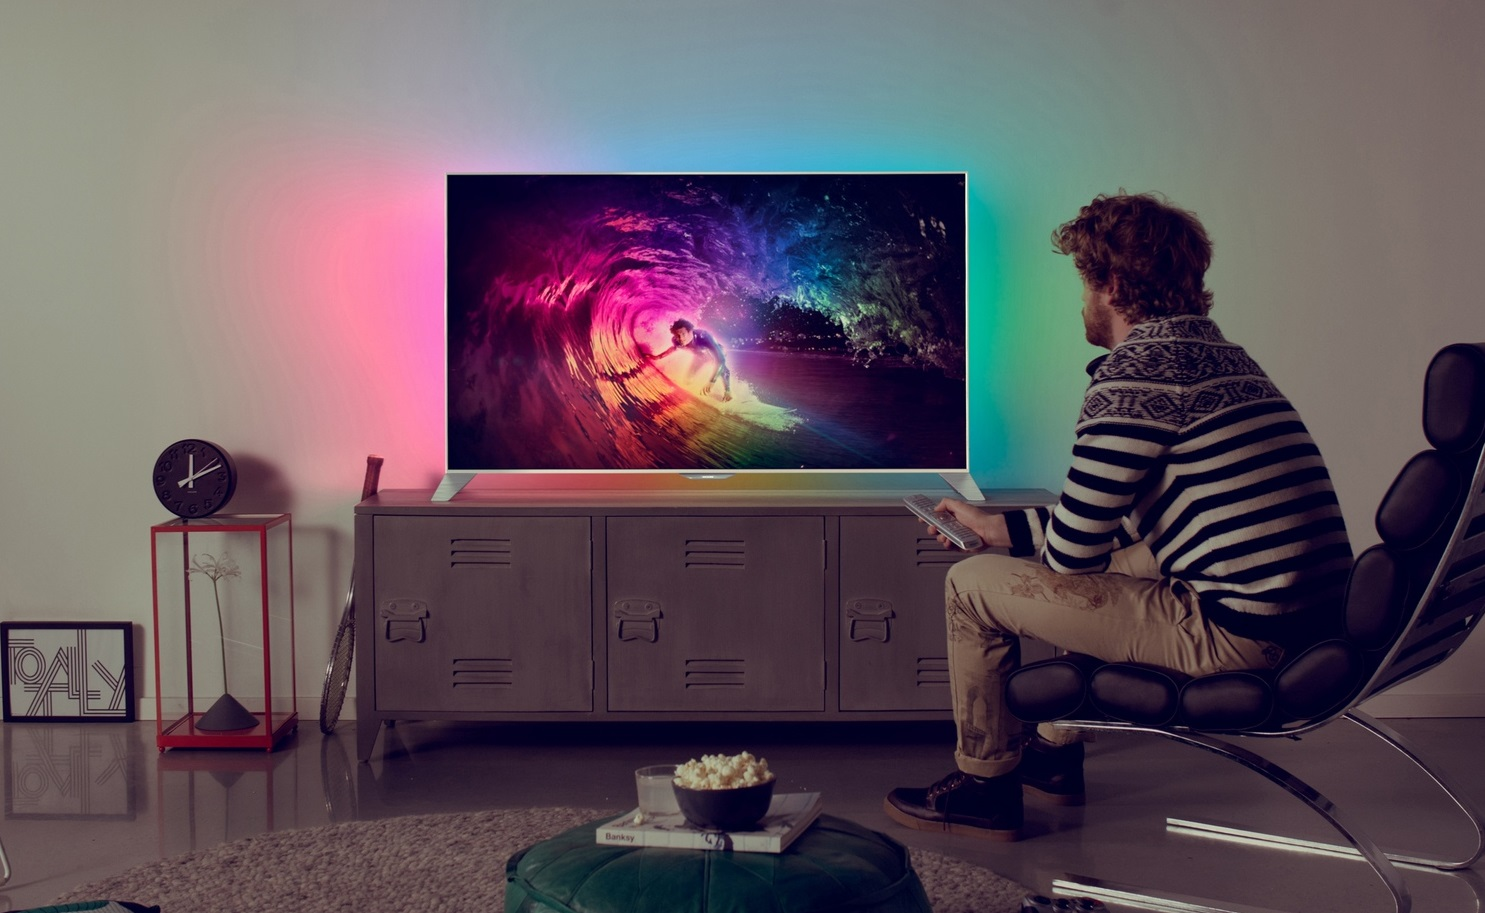 Класация на най-добрите интелигентни телевизори за 2020 г.